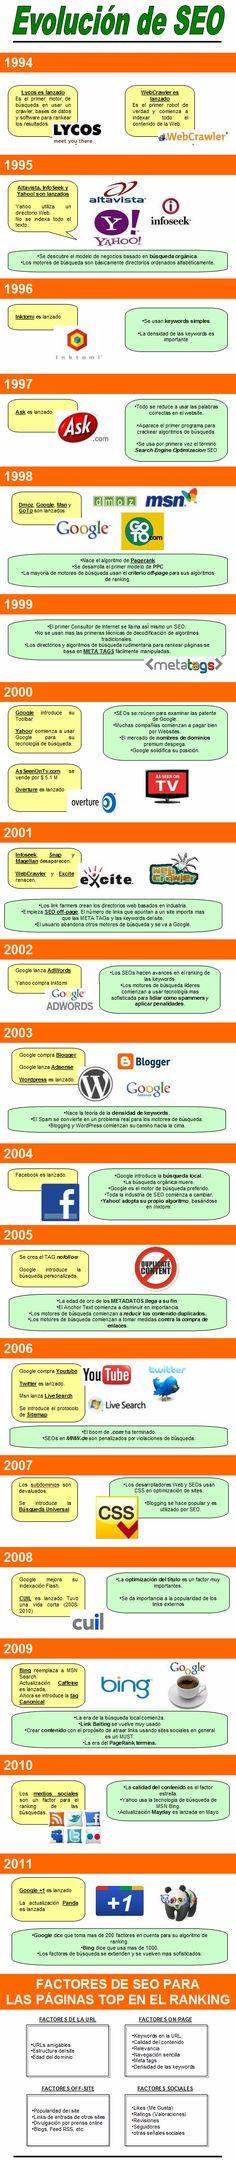 La evolución del SEO #infografia, una herramienta de alta valía.  www.facebook.com/AbelardoHerreraA